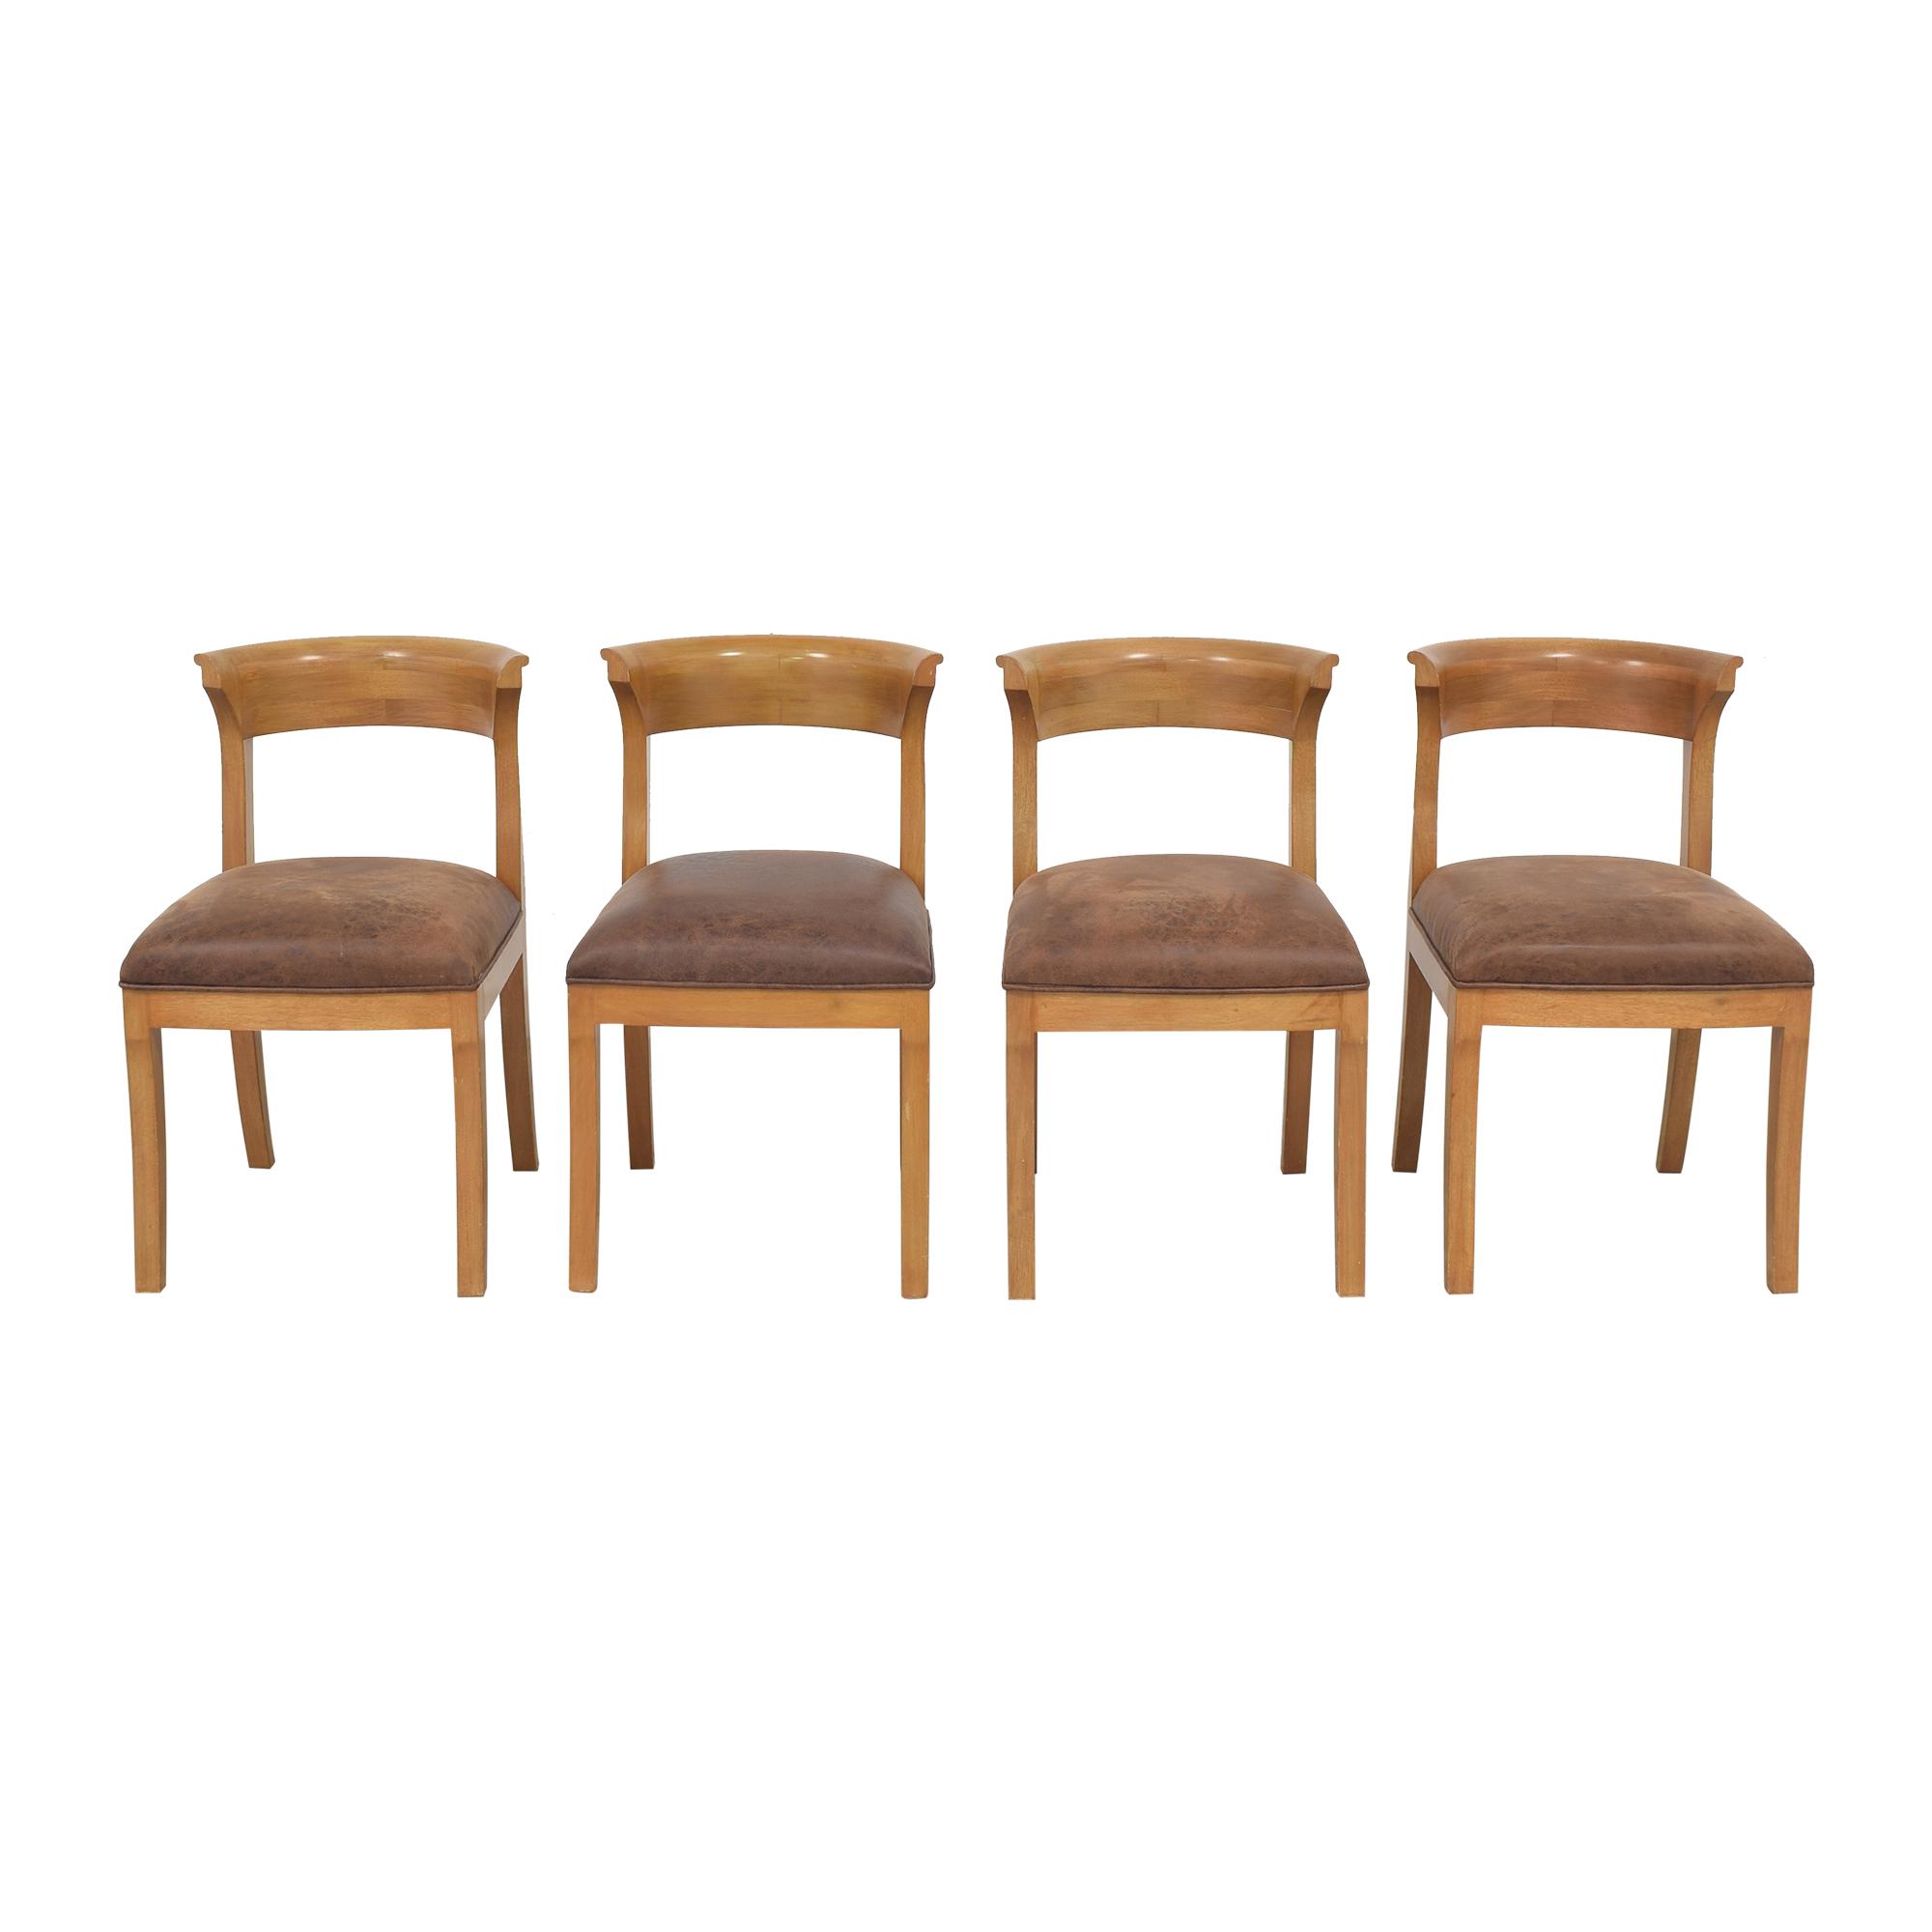 Bernhardt Bernhardt Dining Chairs second hand